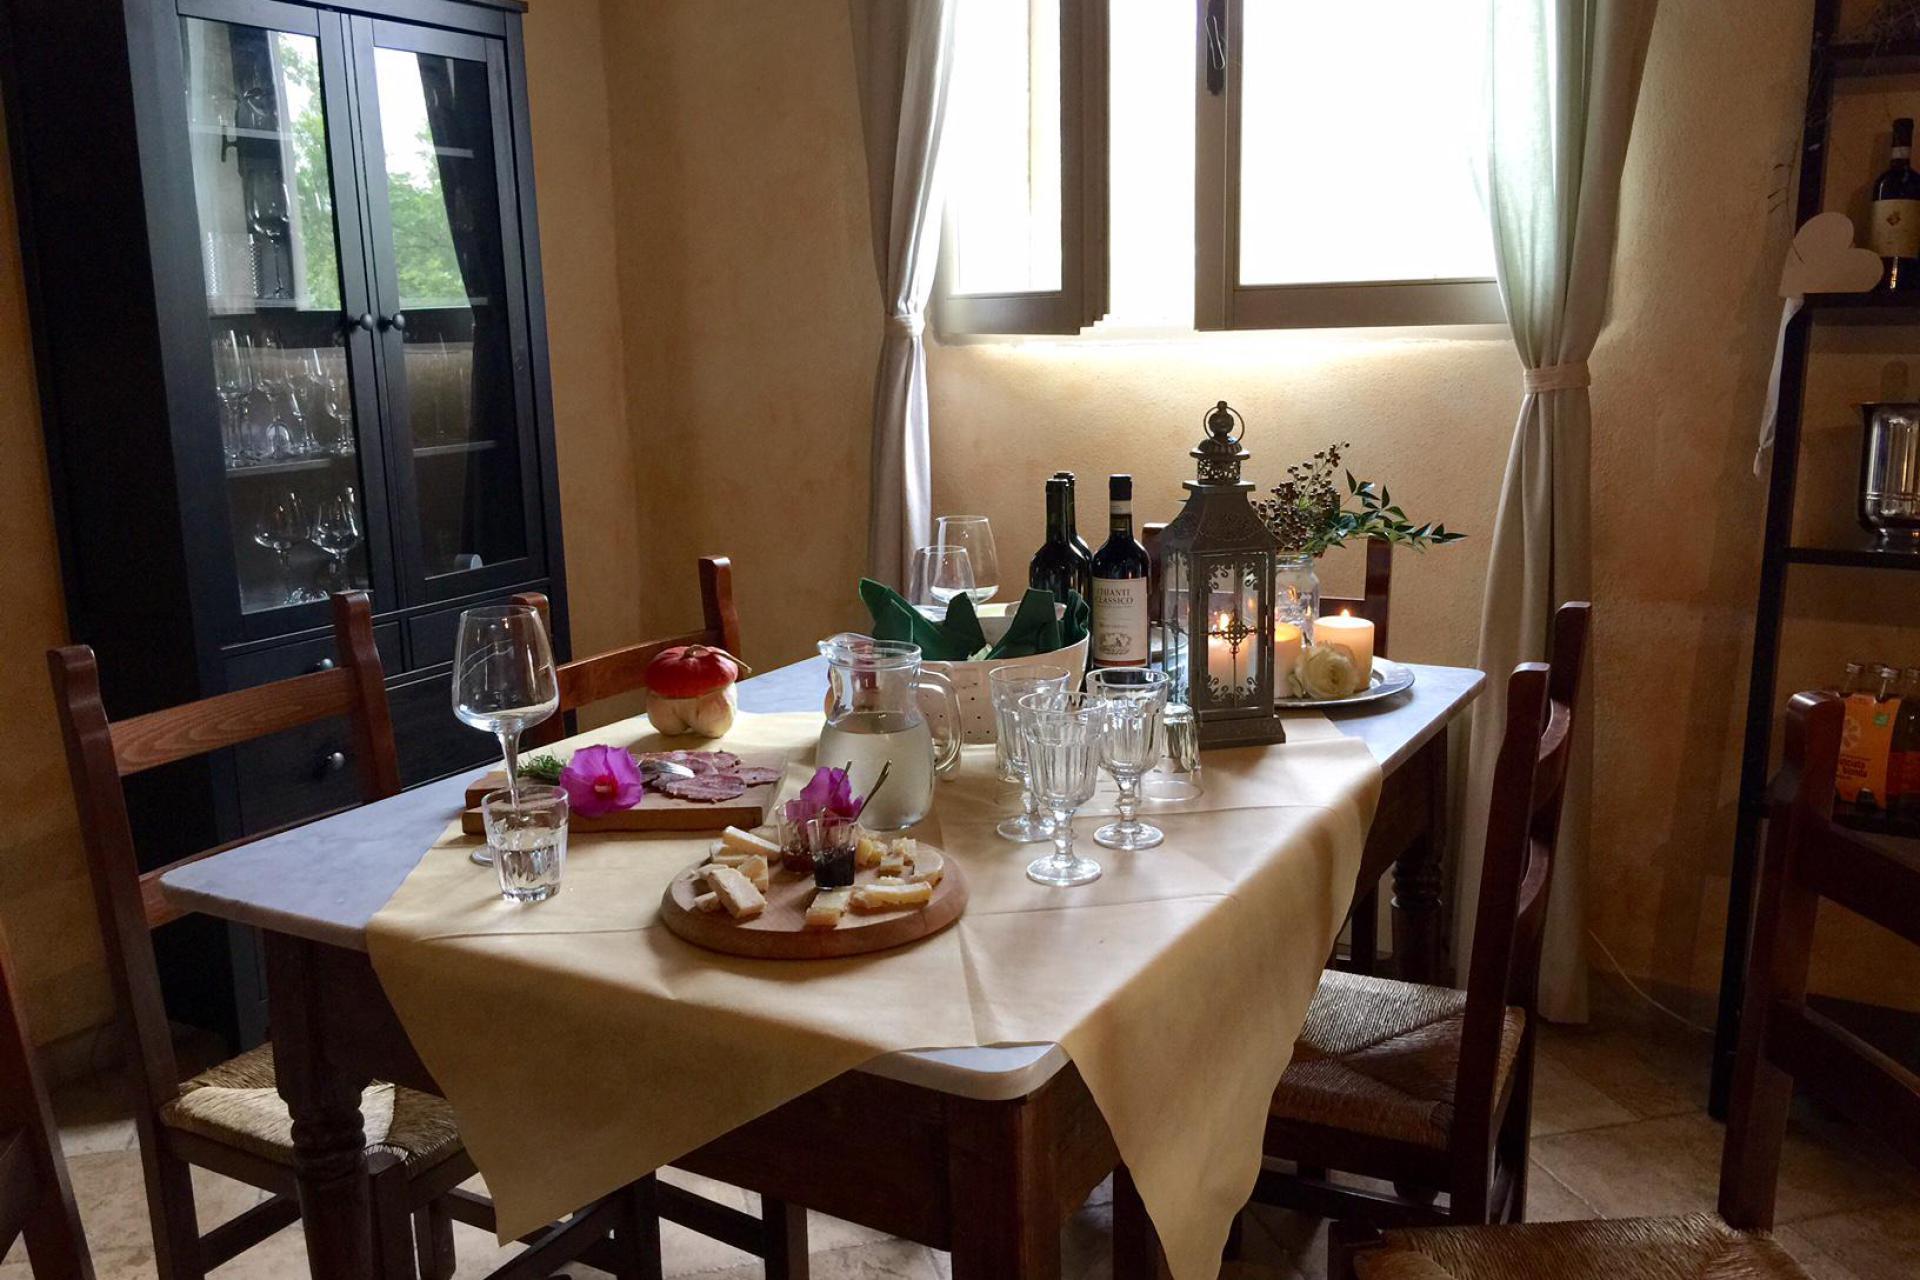 Agriturismo Toscane Kindvriendelijke agriturismo centraal in Toscane